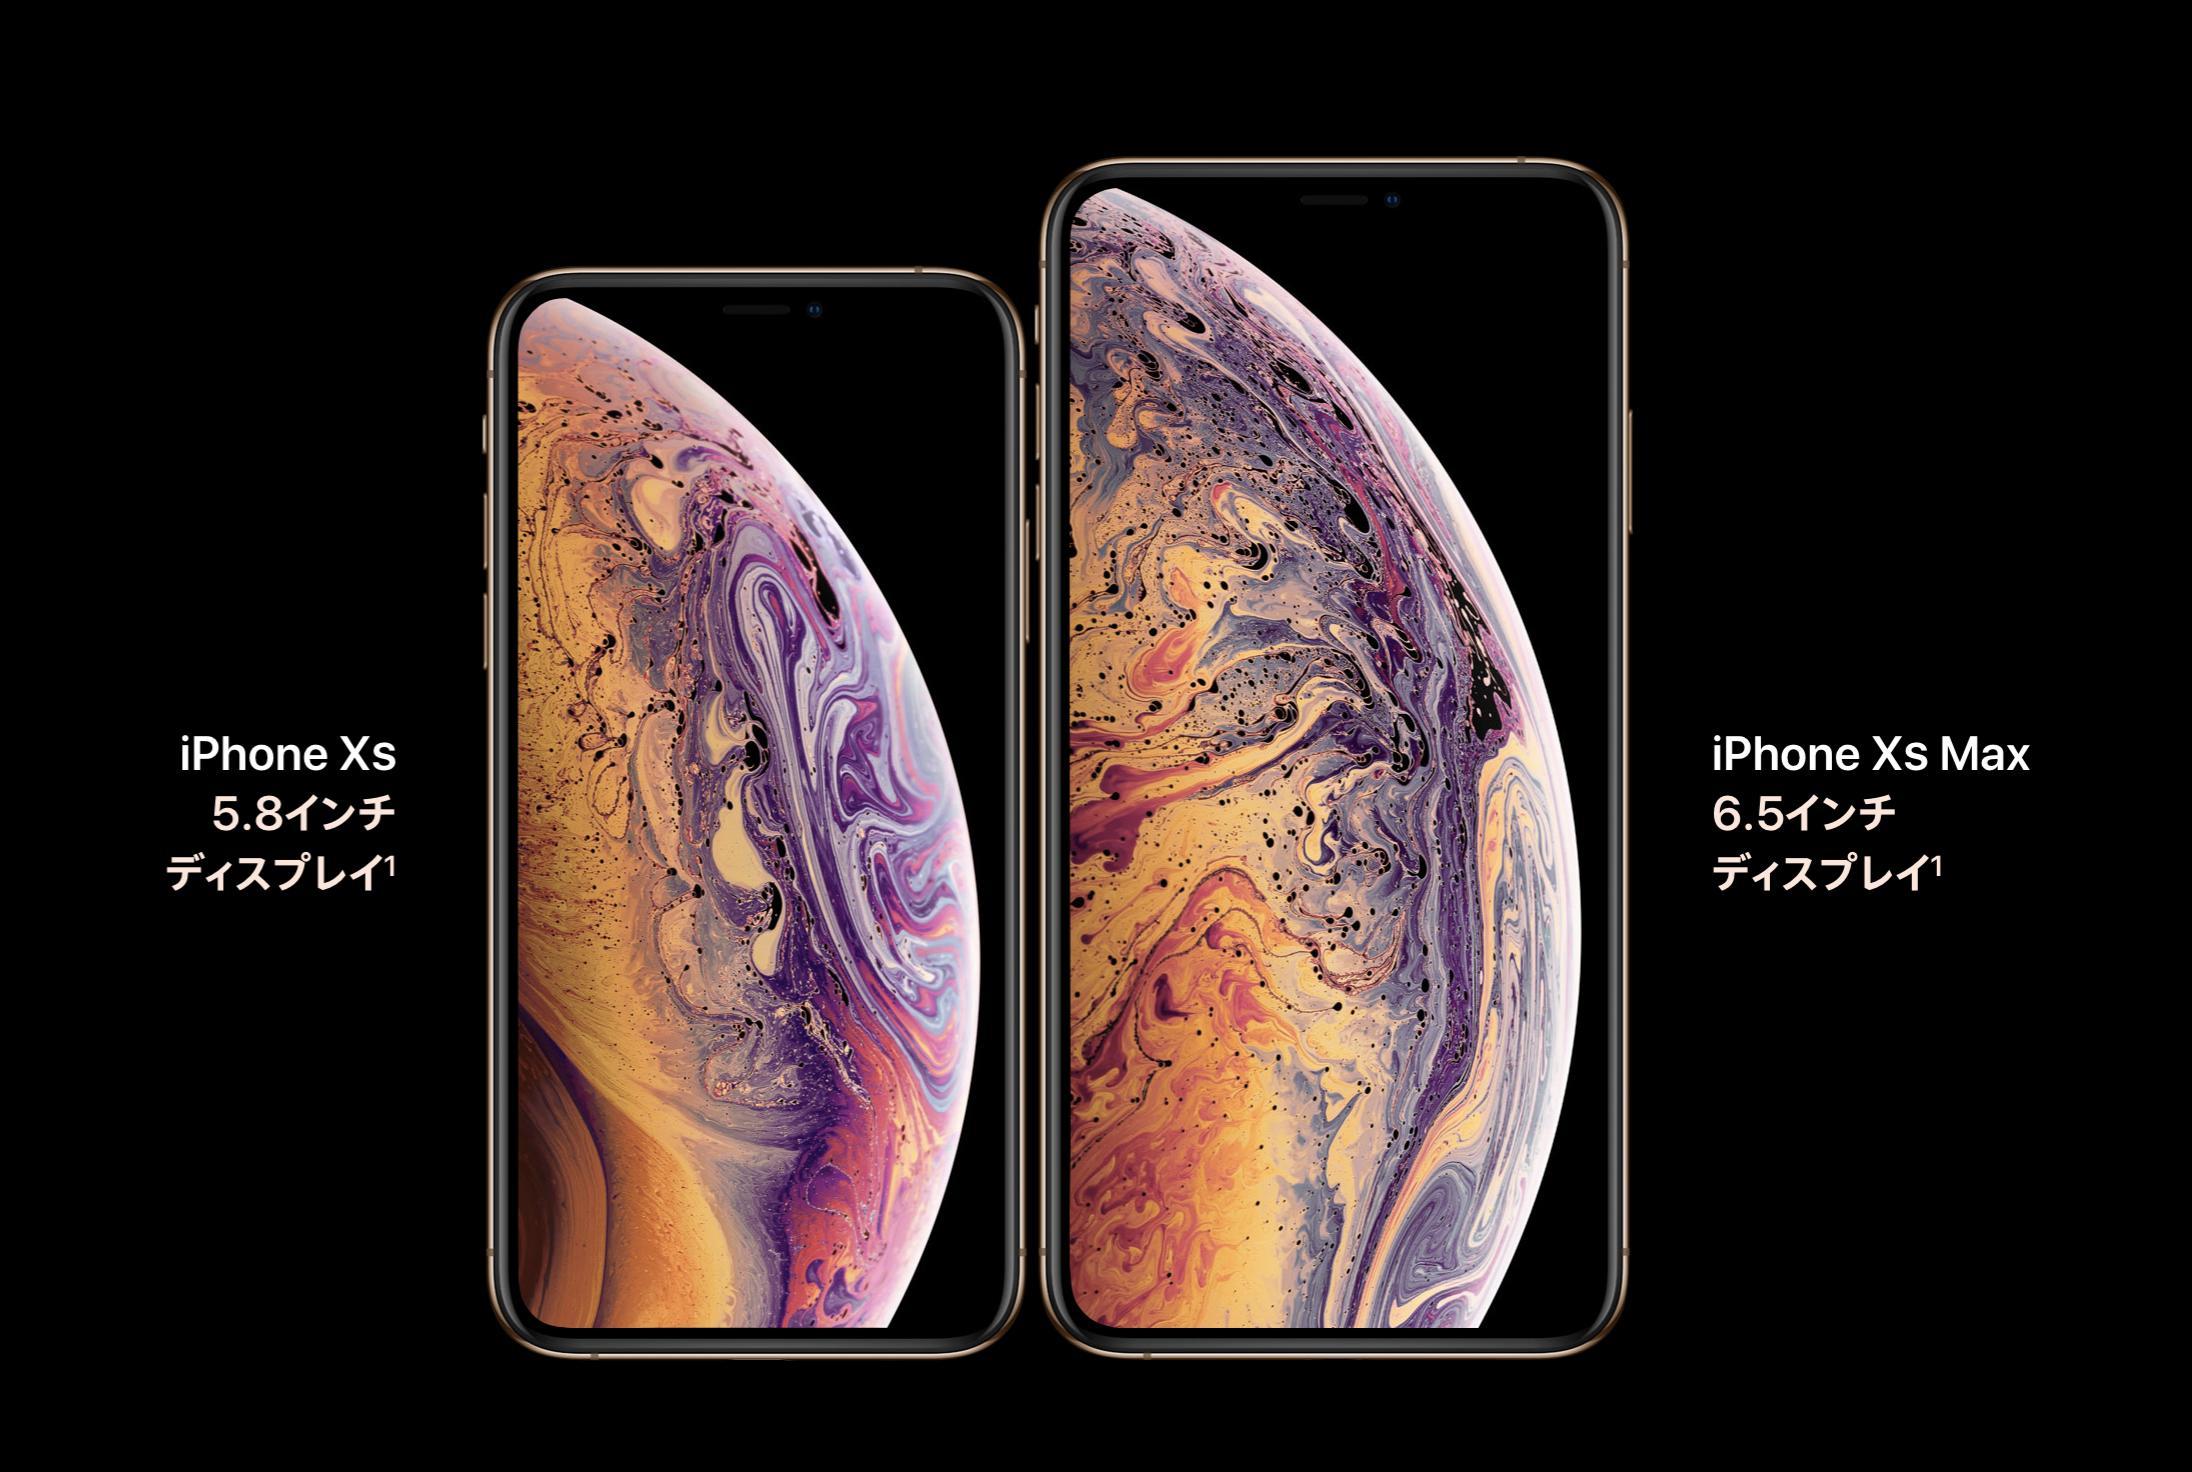 iPhoneXS、XSMaxがでかい&重い!後悔の声続出で炎上?